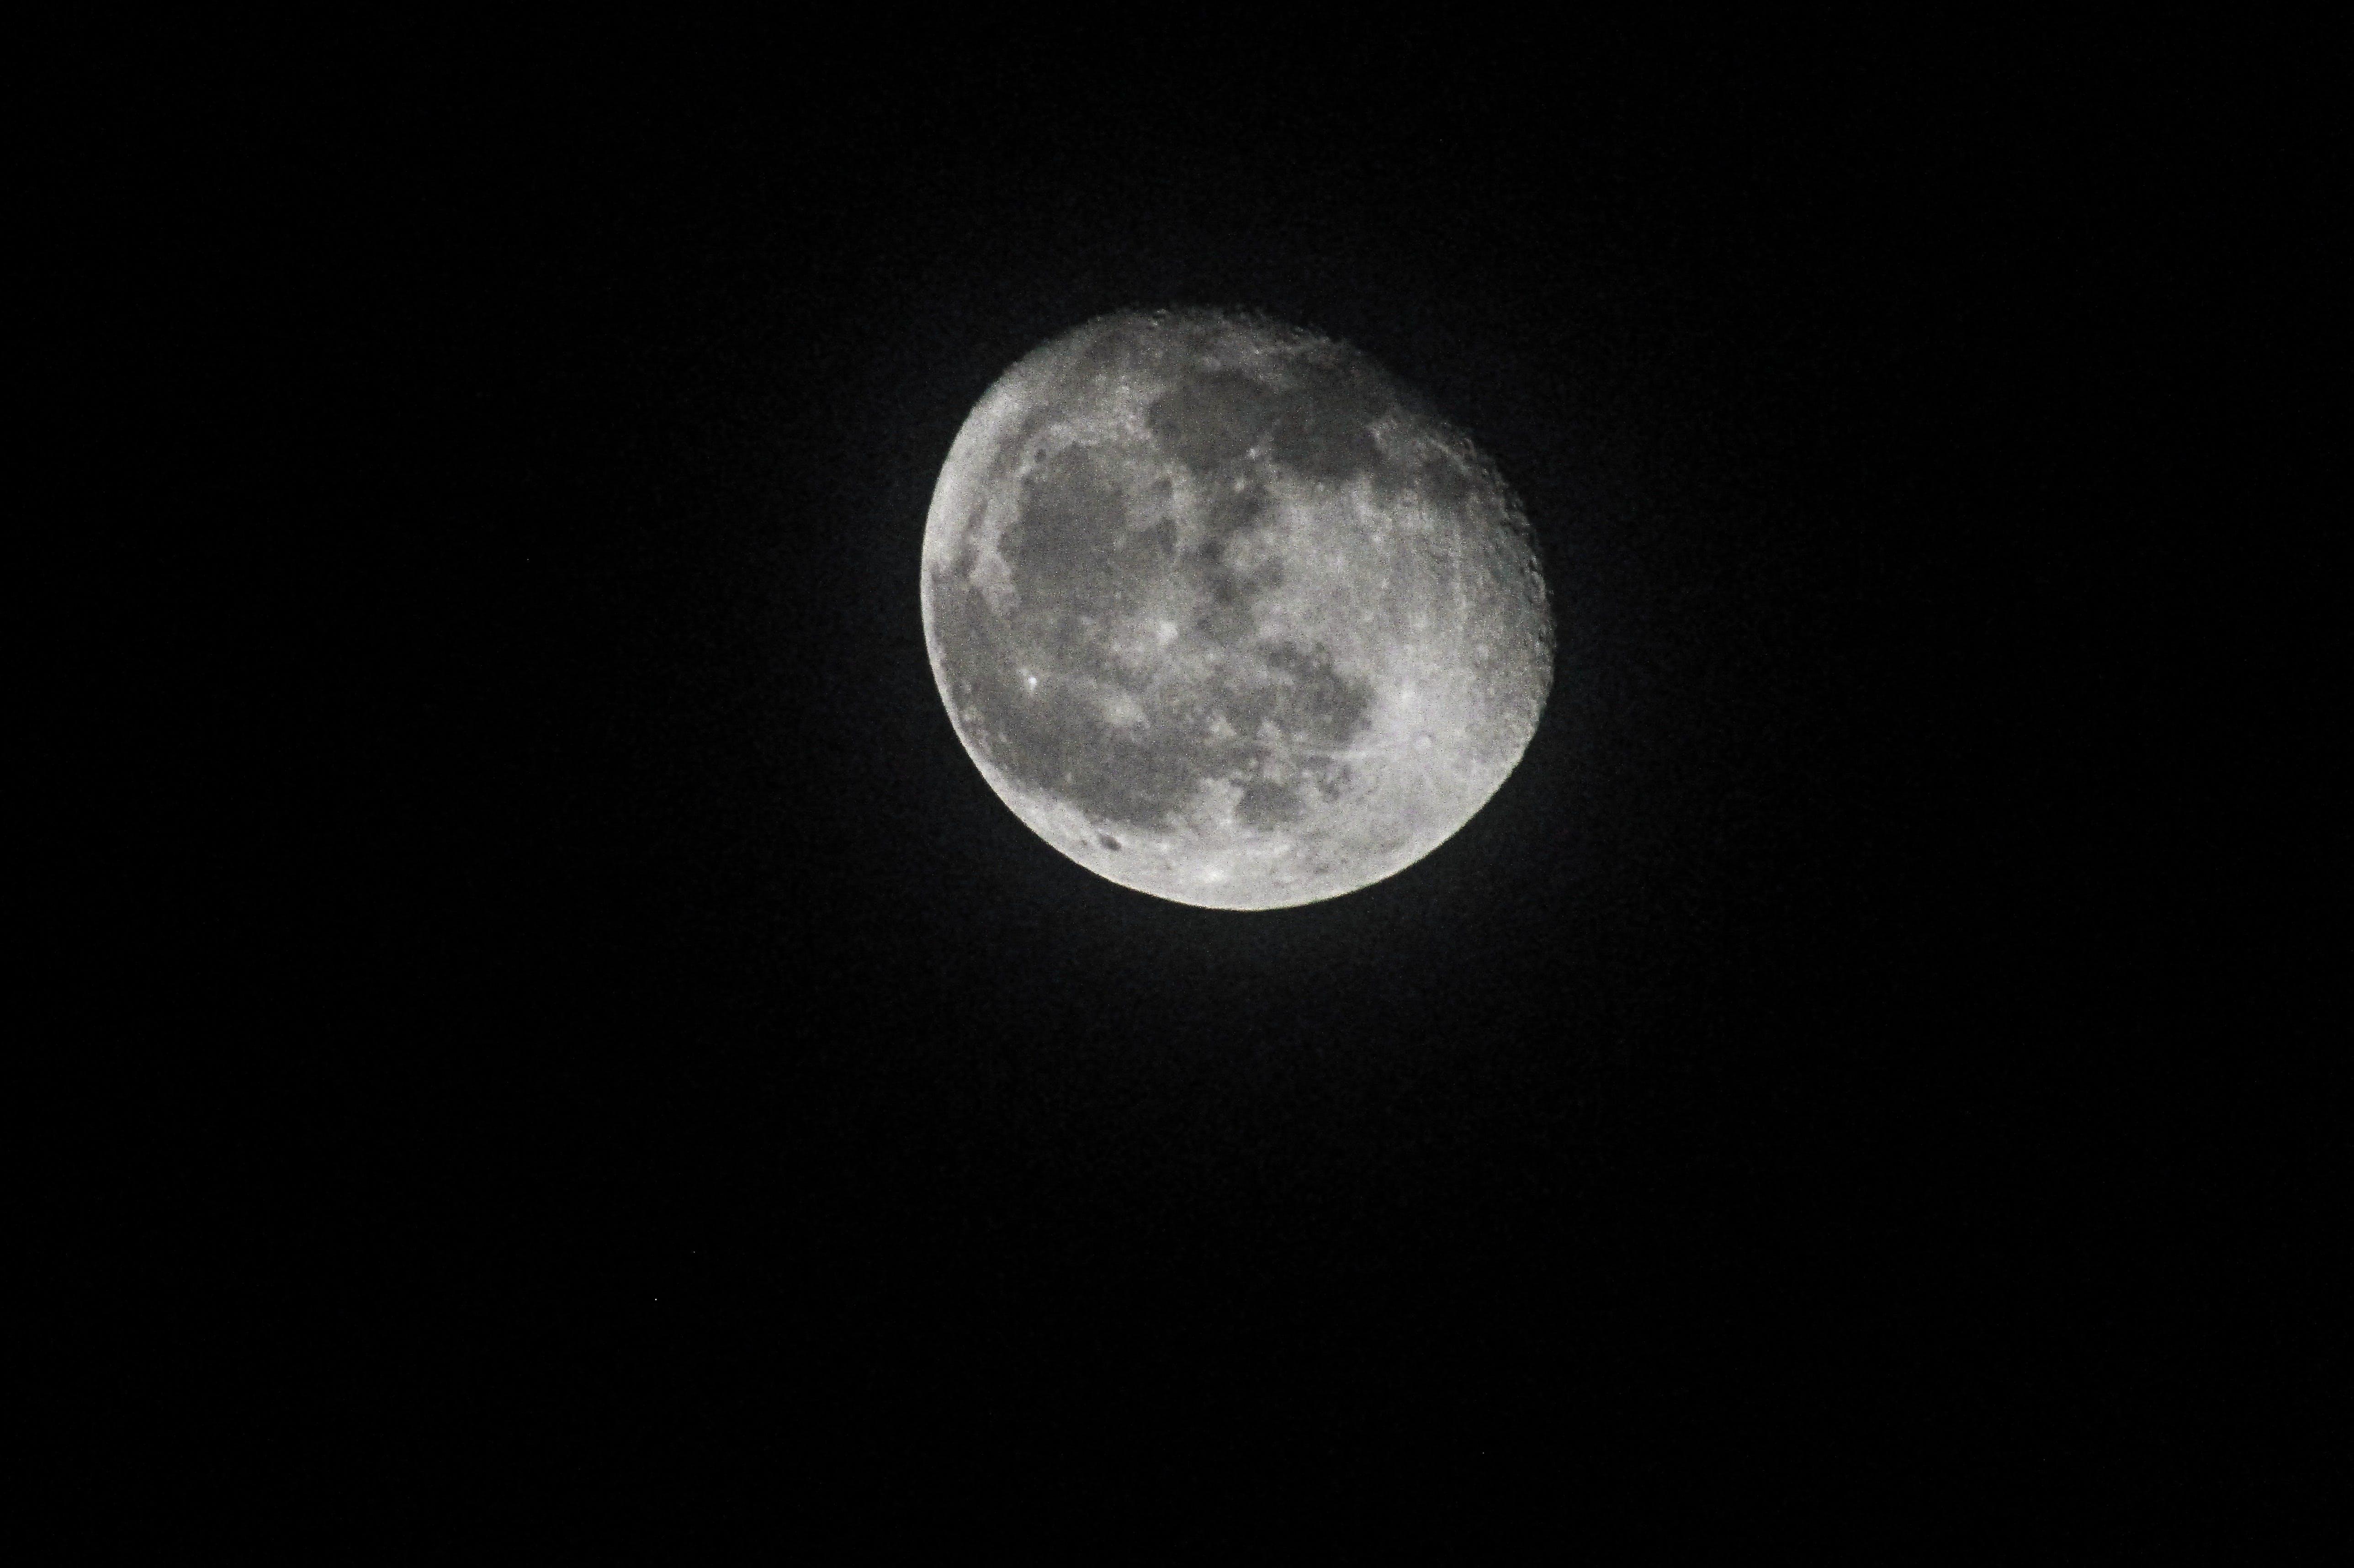 Δωρεάν στοκ φωτογραφιών με επιστήμη, Νύχτα, ουράνιος, σελήνη